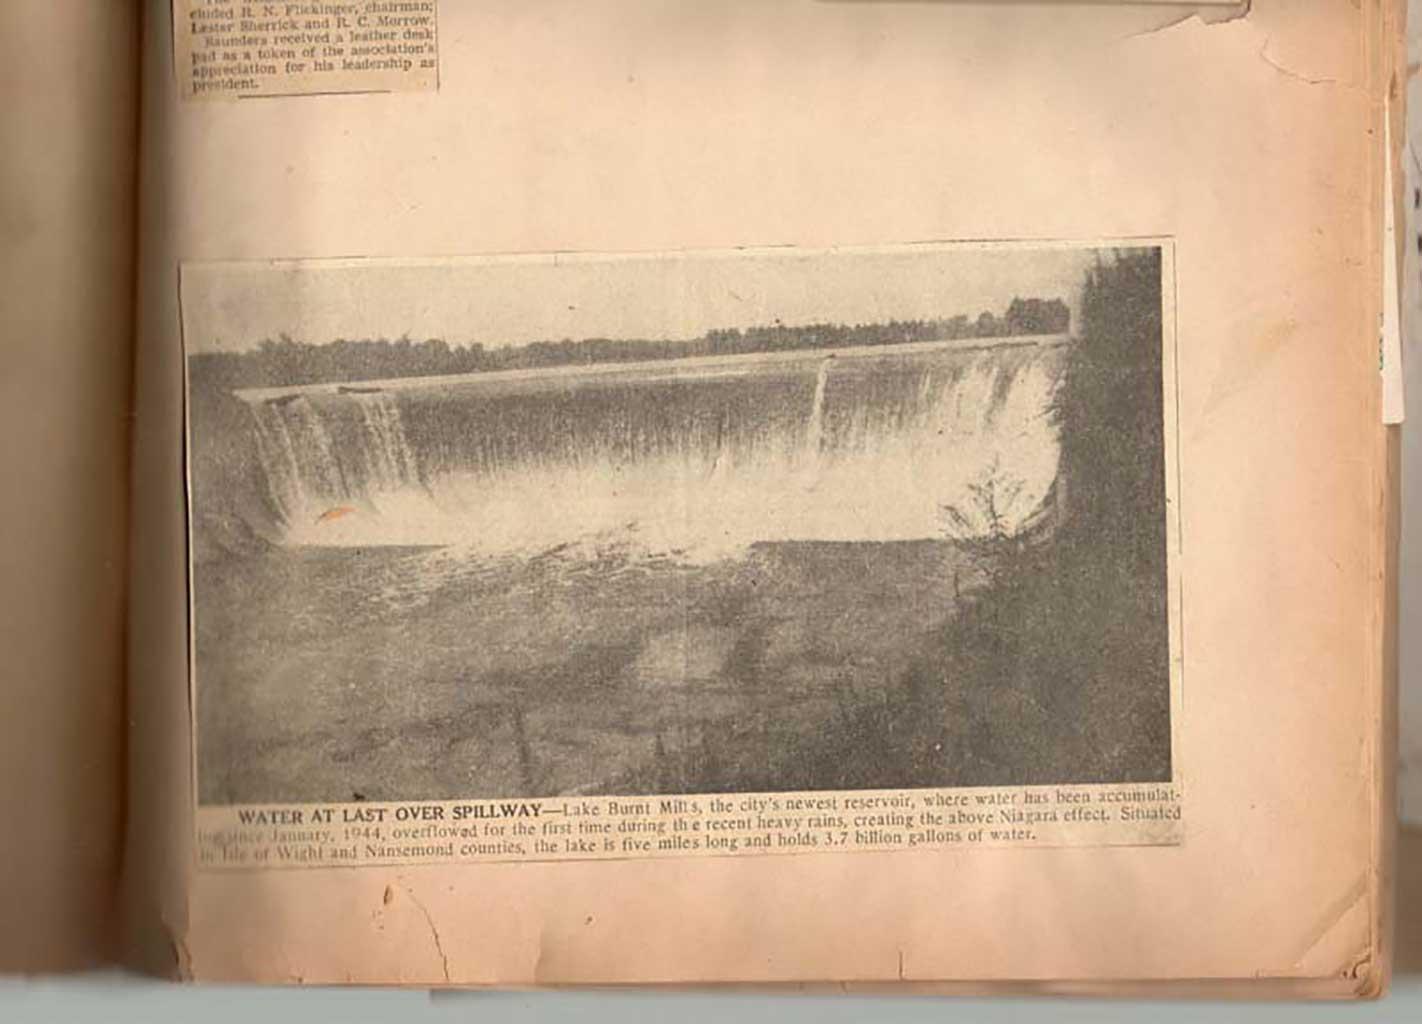 lake-burnt-mills-spillway-circa-1945-img799